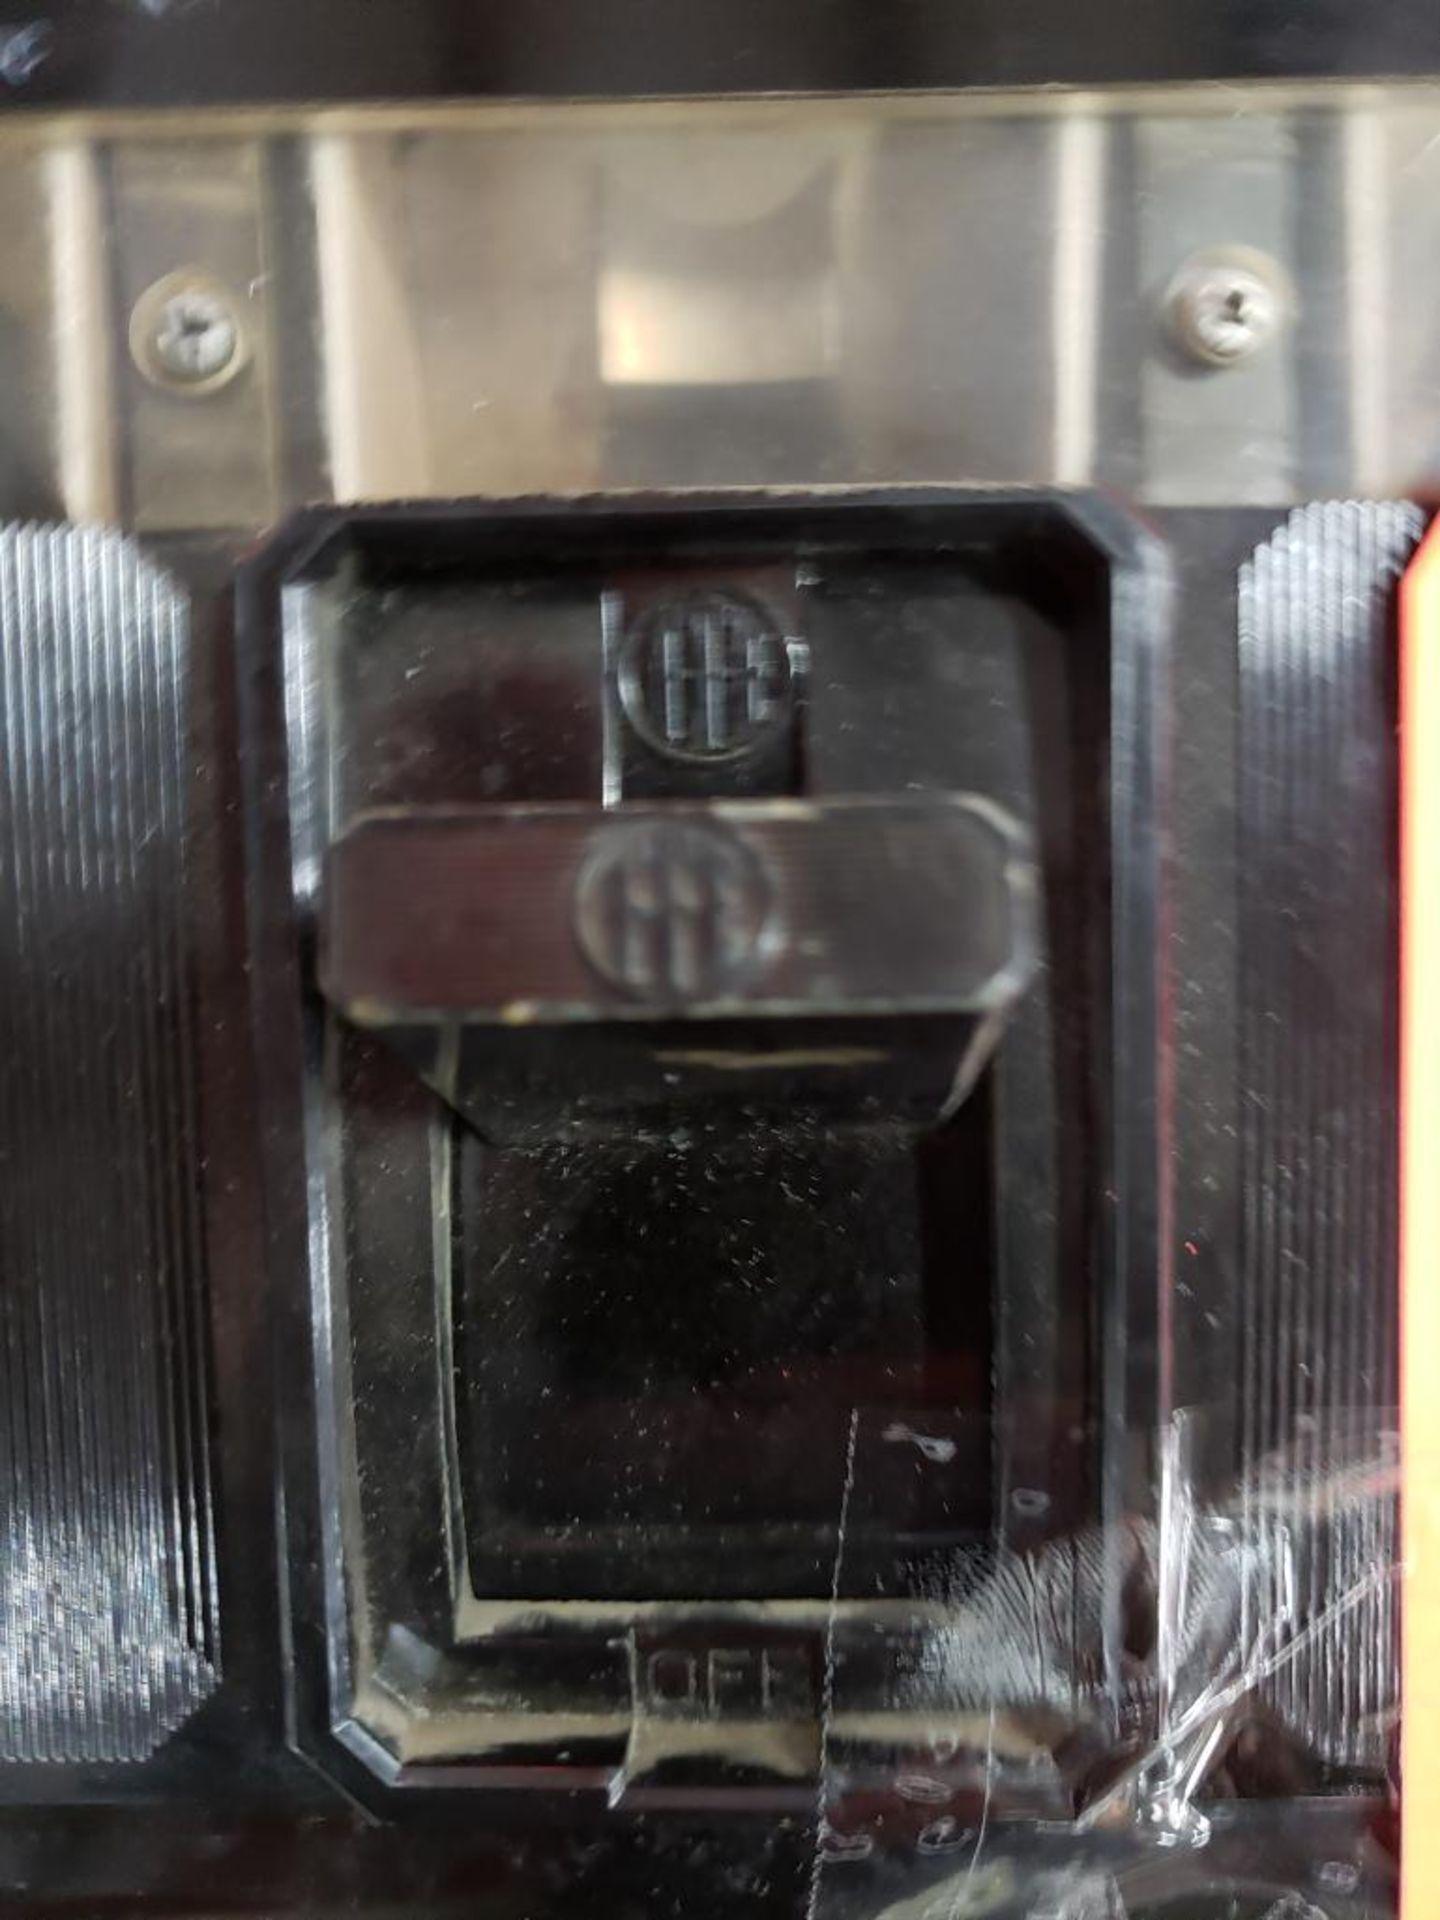 ITE JJ3S400V Circuit breaker. 400AMP. - Image 3 of 4